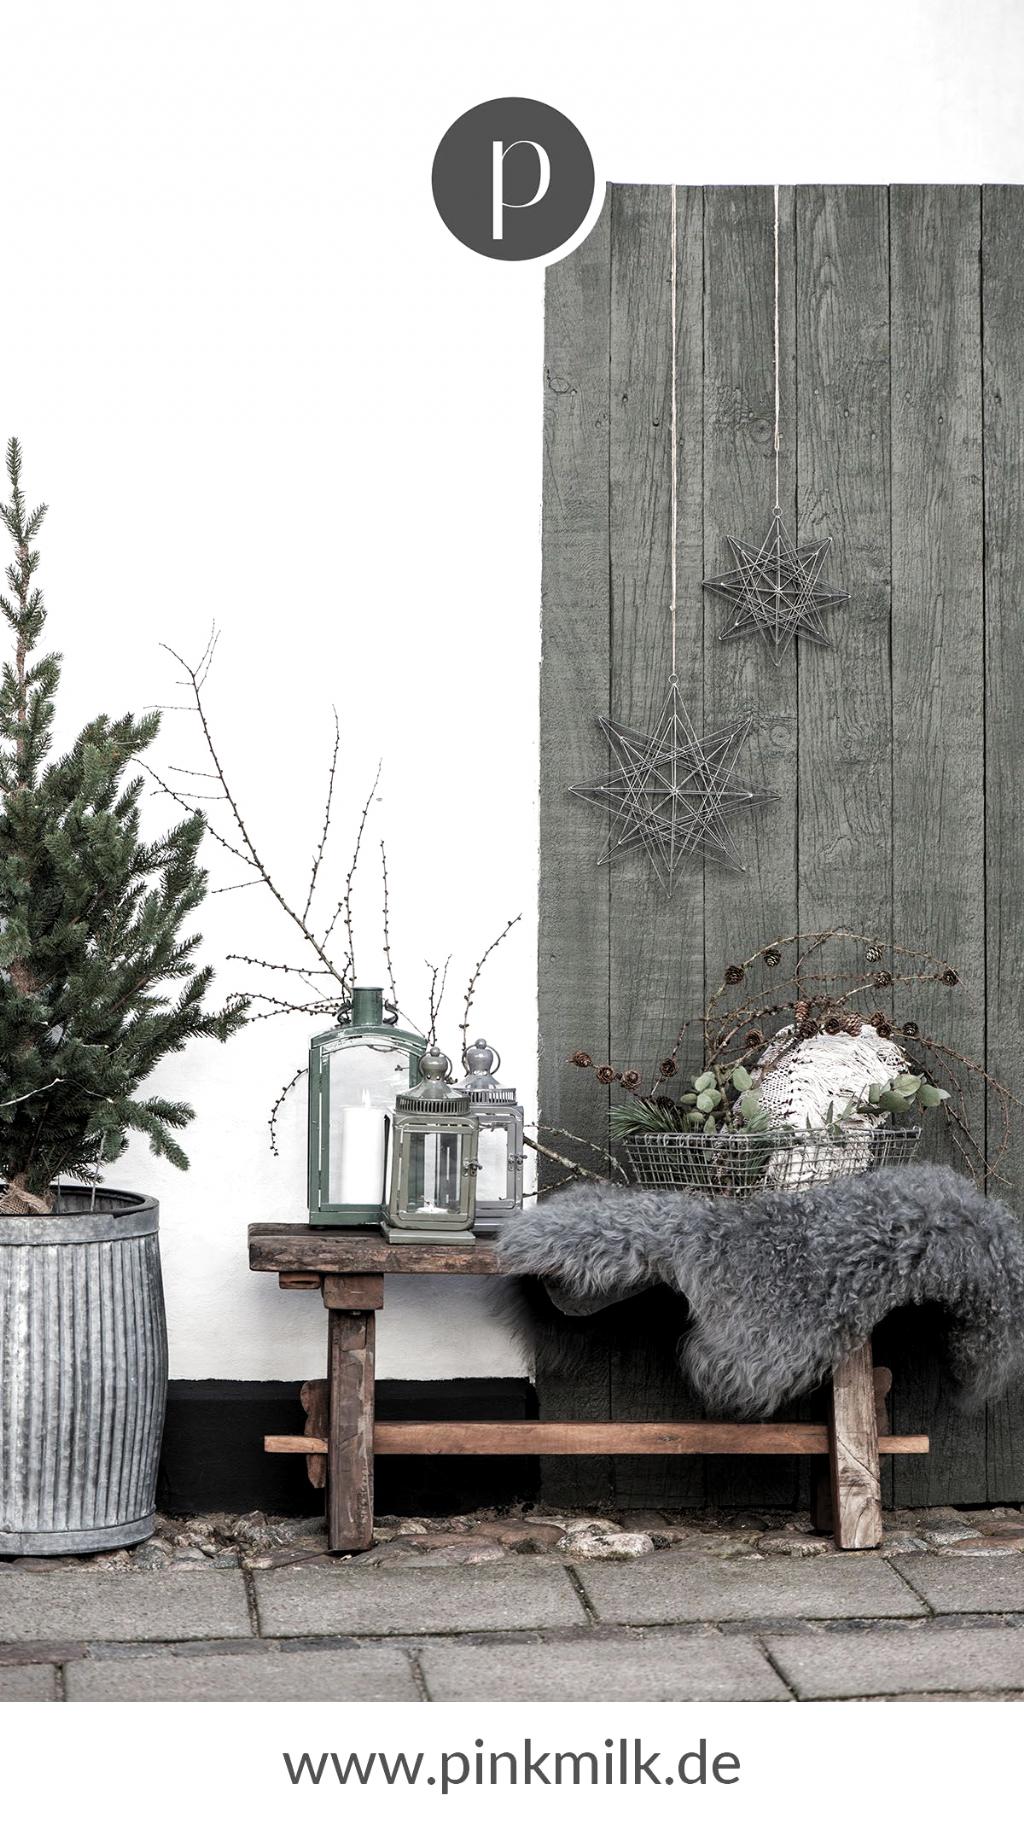 Du liebst den skandinavischen Stil und suchst noch nach toller Weihnachtsdeko? Dann bist Du bei uns genau richtig! Von schönen Weihnachtskugeln bis hin zu Weihnachtsgeschirr findest Du alles bei uns im Shop. #weihnachten #deko #ideen #skandinavisch #einrichten #inspiration #weihnachten #xmas #weihnachtsdeko #haustür #draußen #outdoor